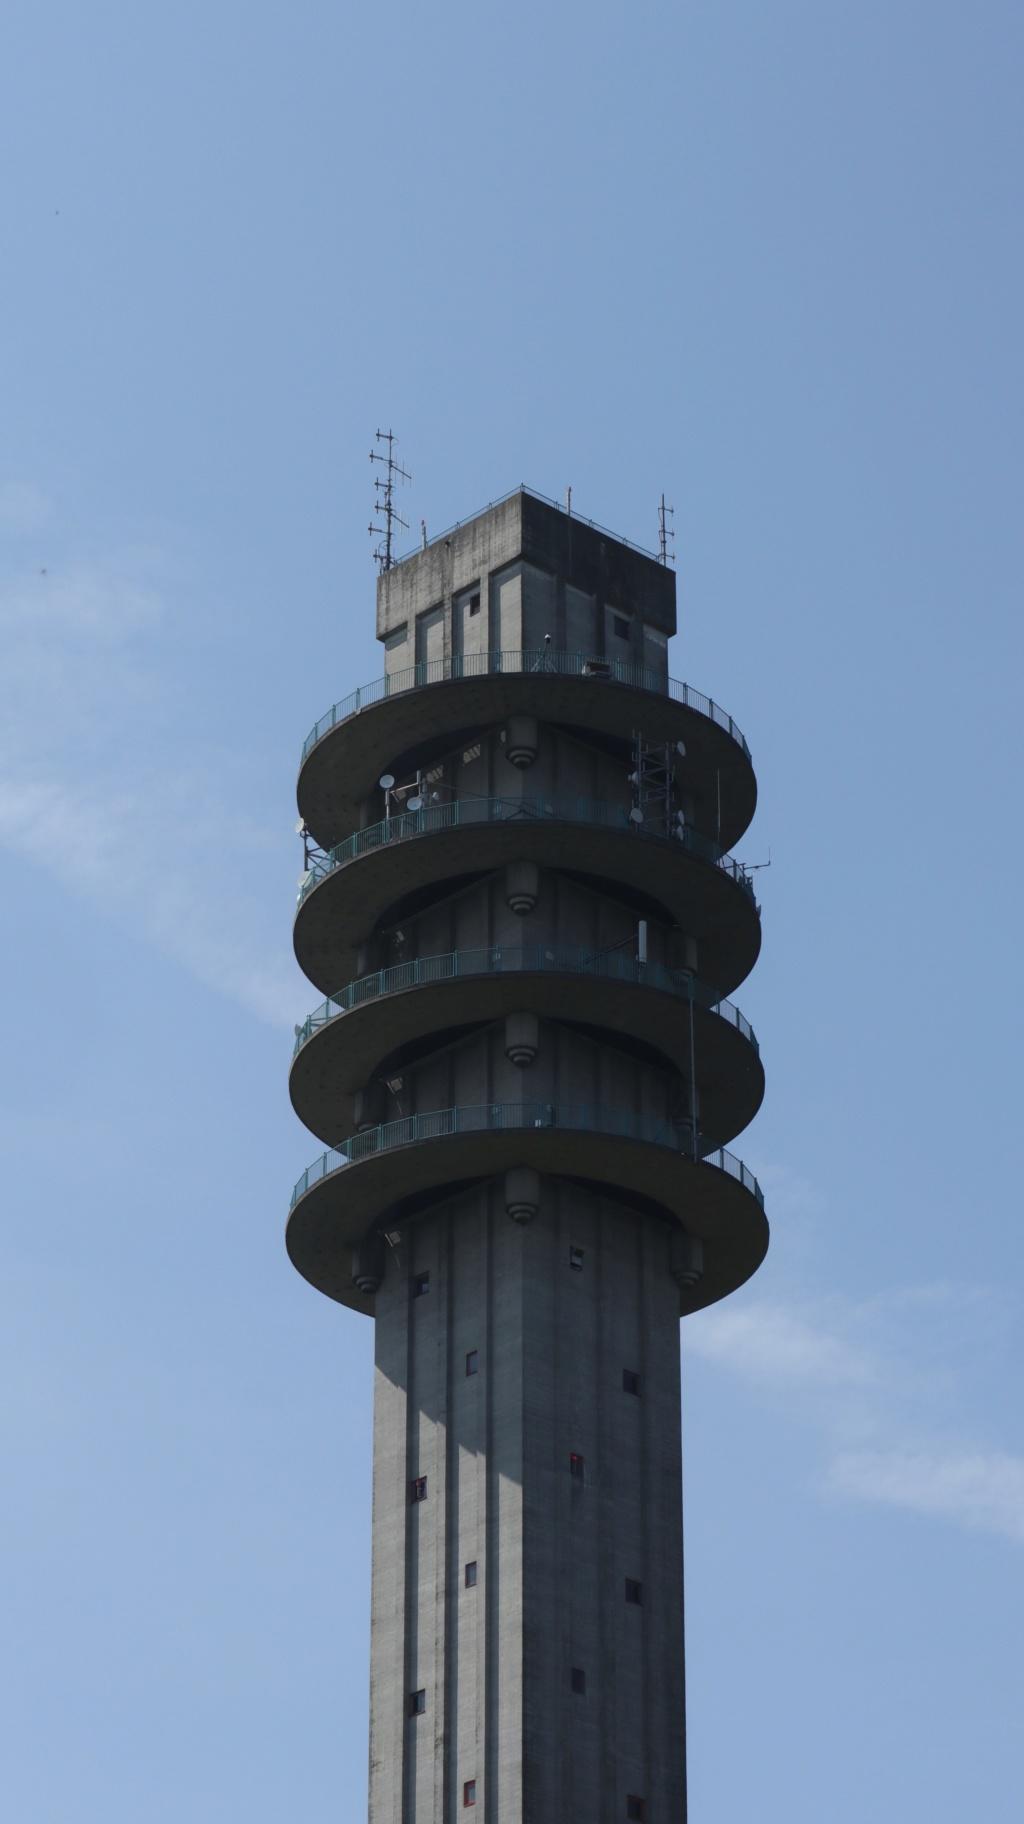 Rondom de toren - Pagina 2 Img_4711